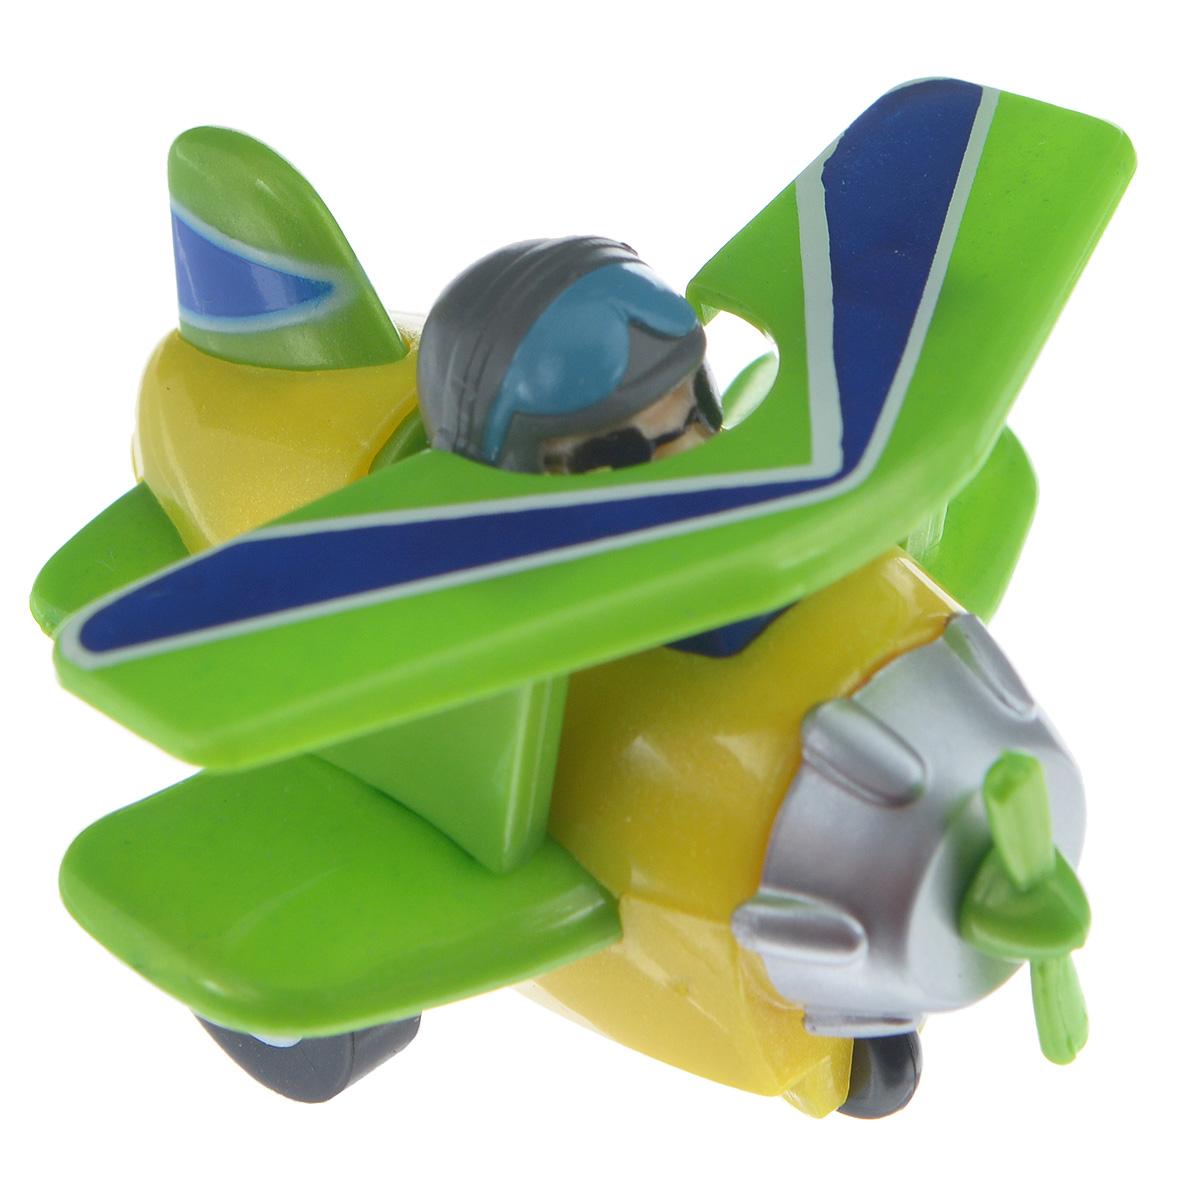 Hans Самолет инерционный цвет желтый зеленыйPP-3BD_ зеленый/желтыйИгрушка Hans Самолет привлечет внимание вашего малыша и не позволит ему скучать! Выполненная из безопасного пластика, игрушка представляет собой самолетик с пилотом. Для запуска, установите игрушку на поверхность, оттяните ее назад и отпустите, игрушка поедет вперед. Инерционная игрушка Hans Самолет поможет ребенку в развитии воображения, мелкой моторики рук, концентрации внимания и цветового восприятия.